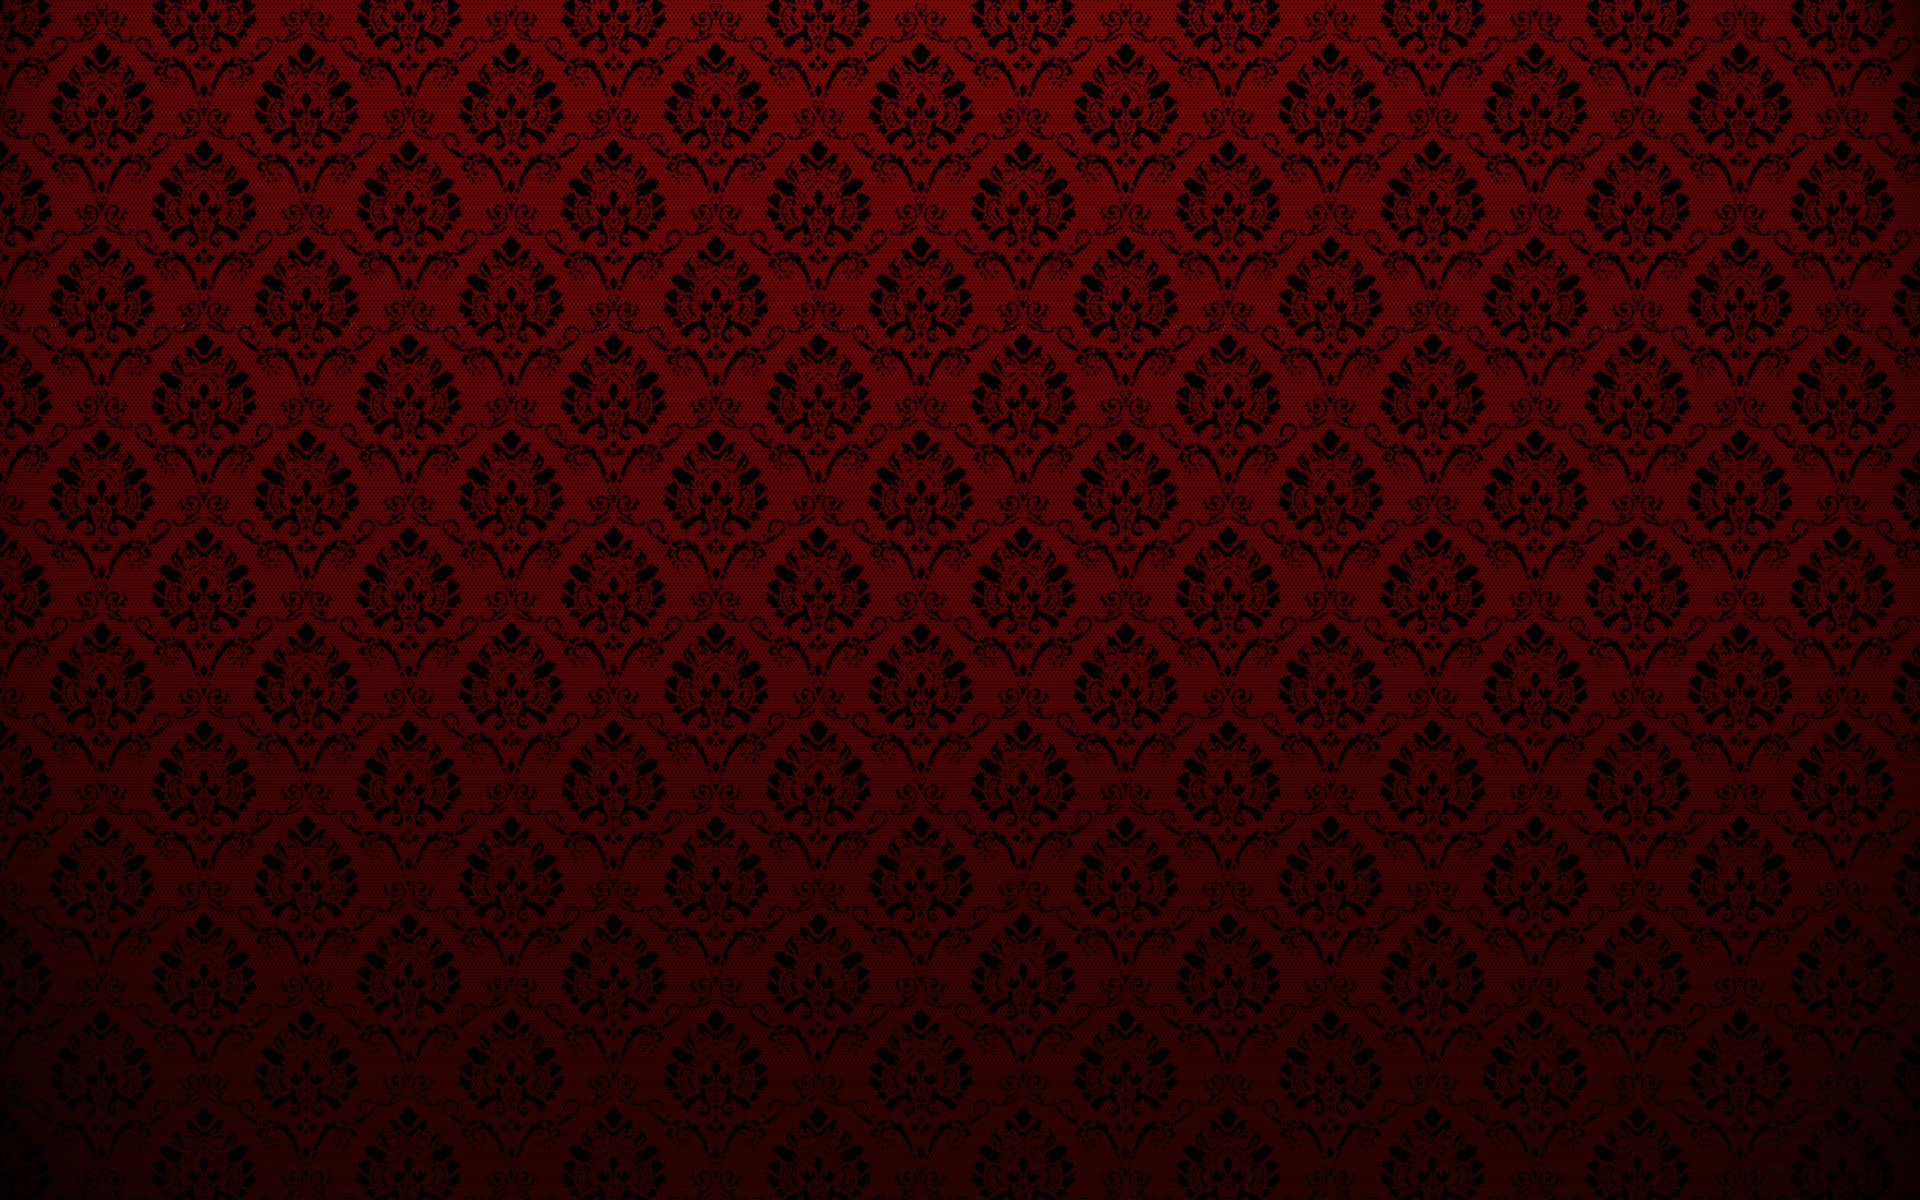 Red Wallpapers - WallpaperSafari